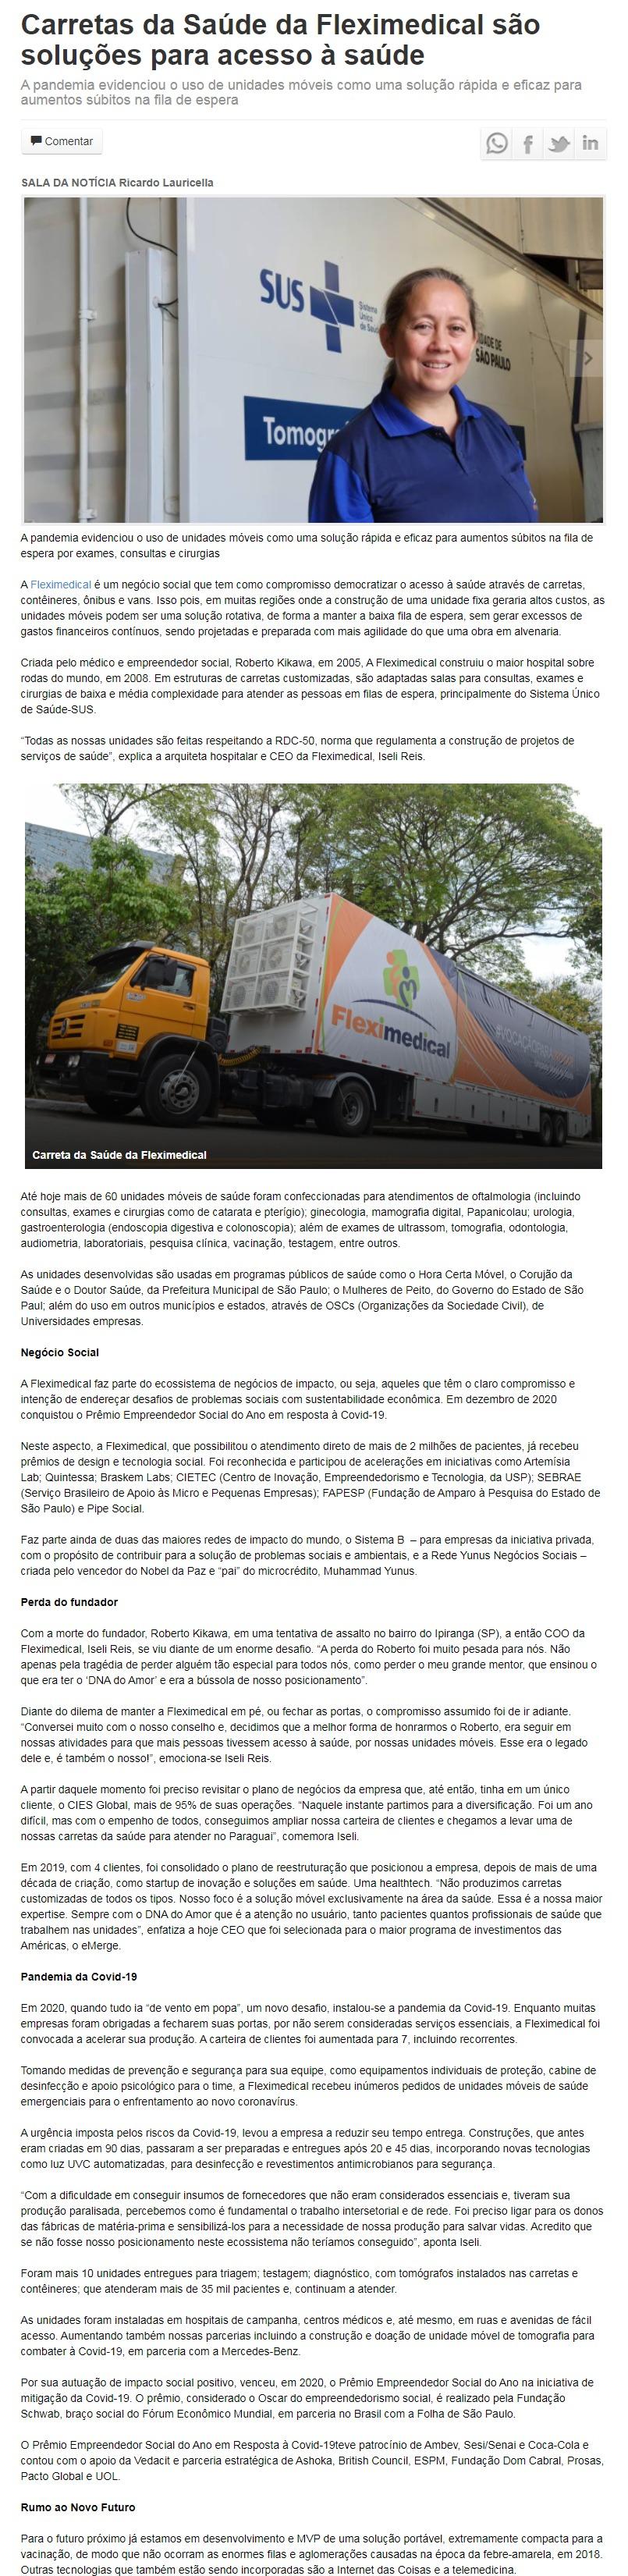 Carretas da Saúde da Fleximedical são soluções para acesso à saúde - Catalão Online